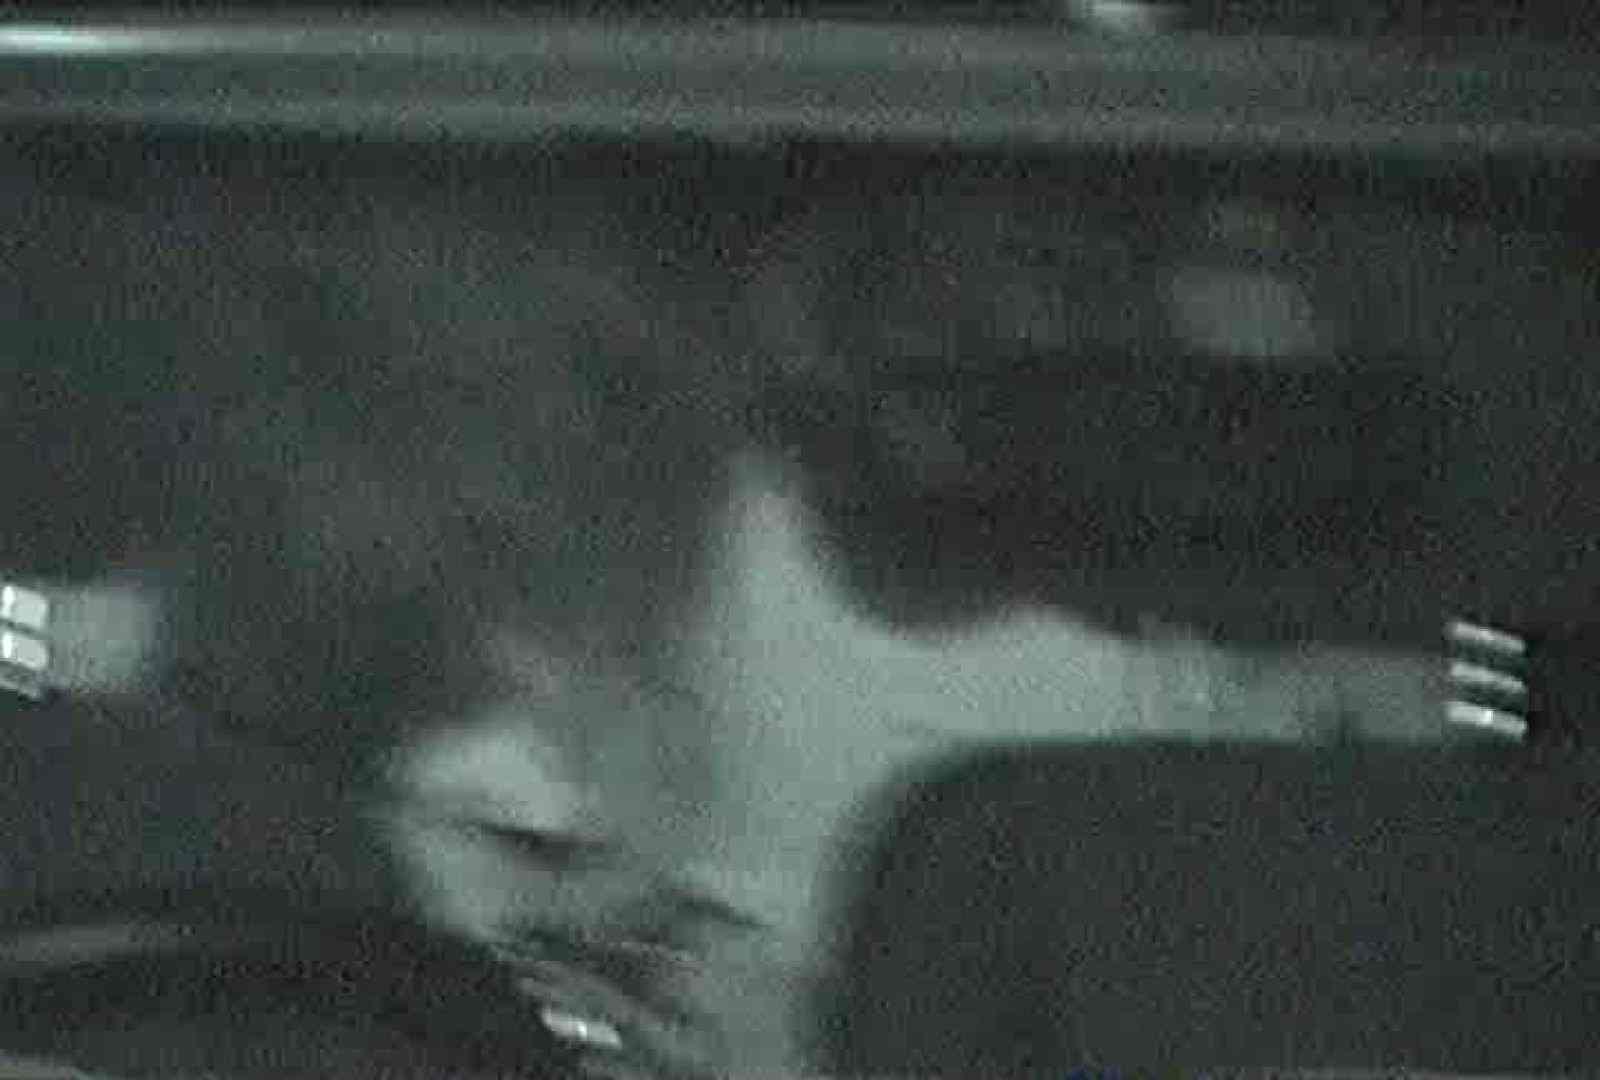 充血監督の深夜の運動会Vol.86 エッチなセックス AV動画キャプチャ 98画像 54